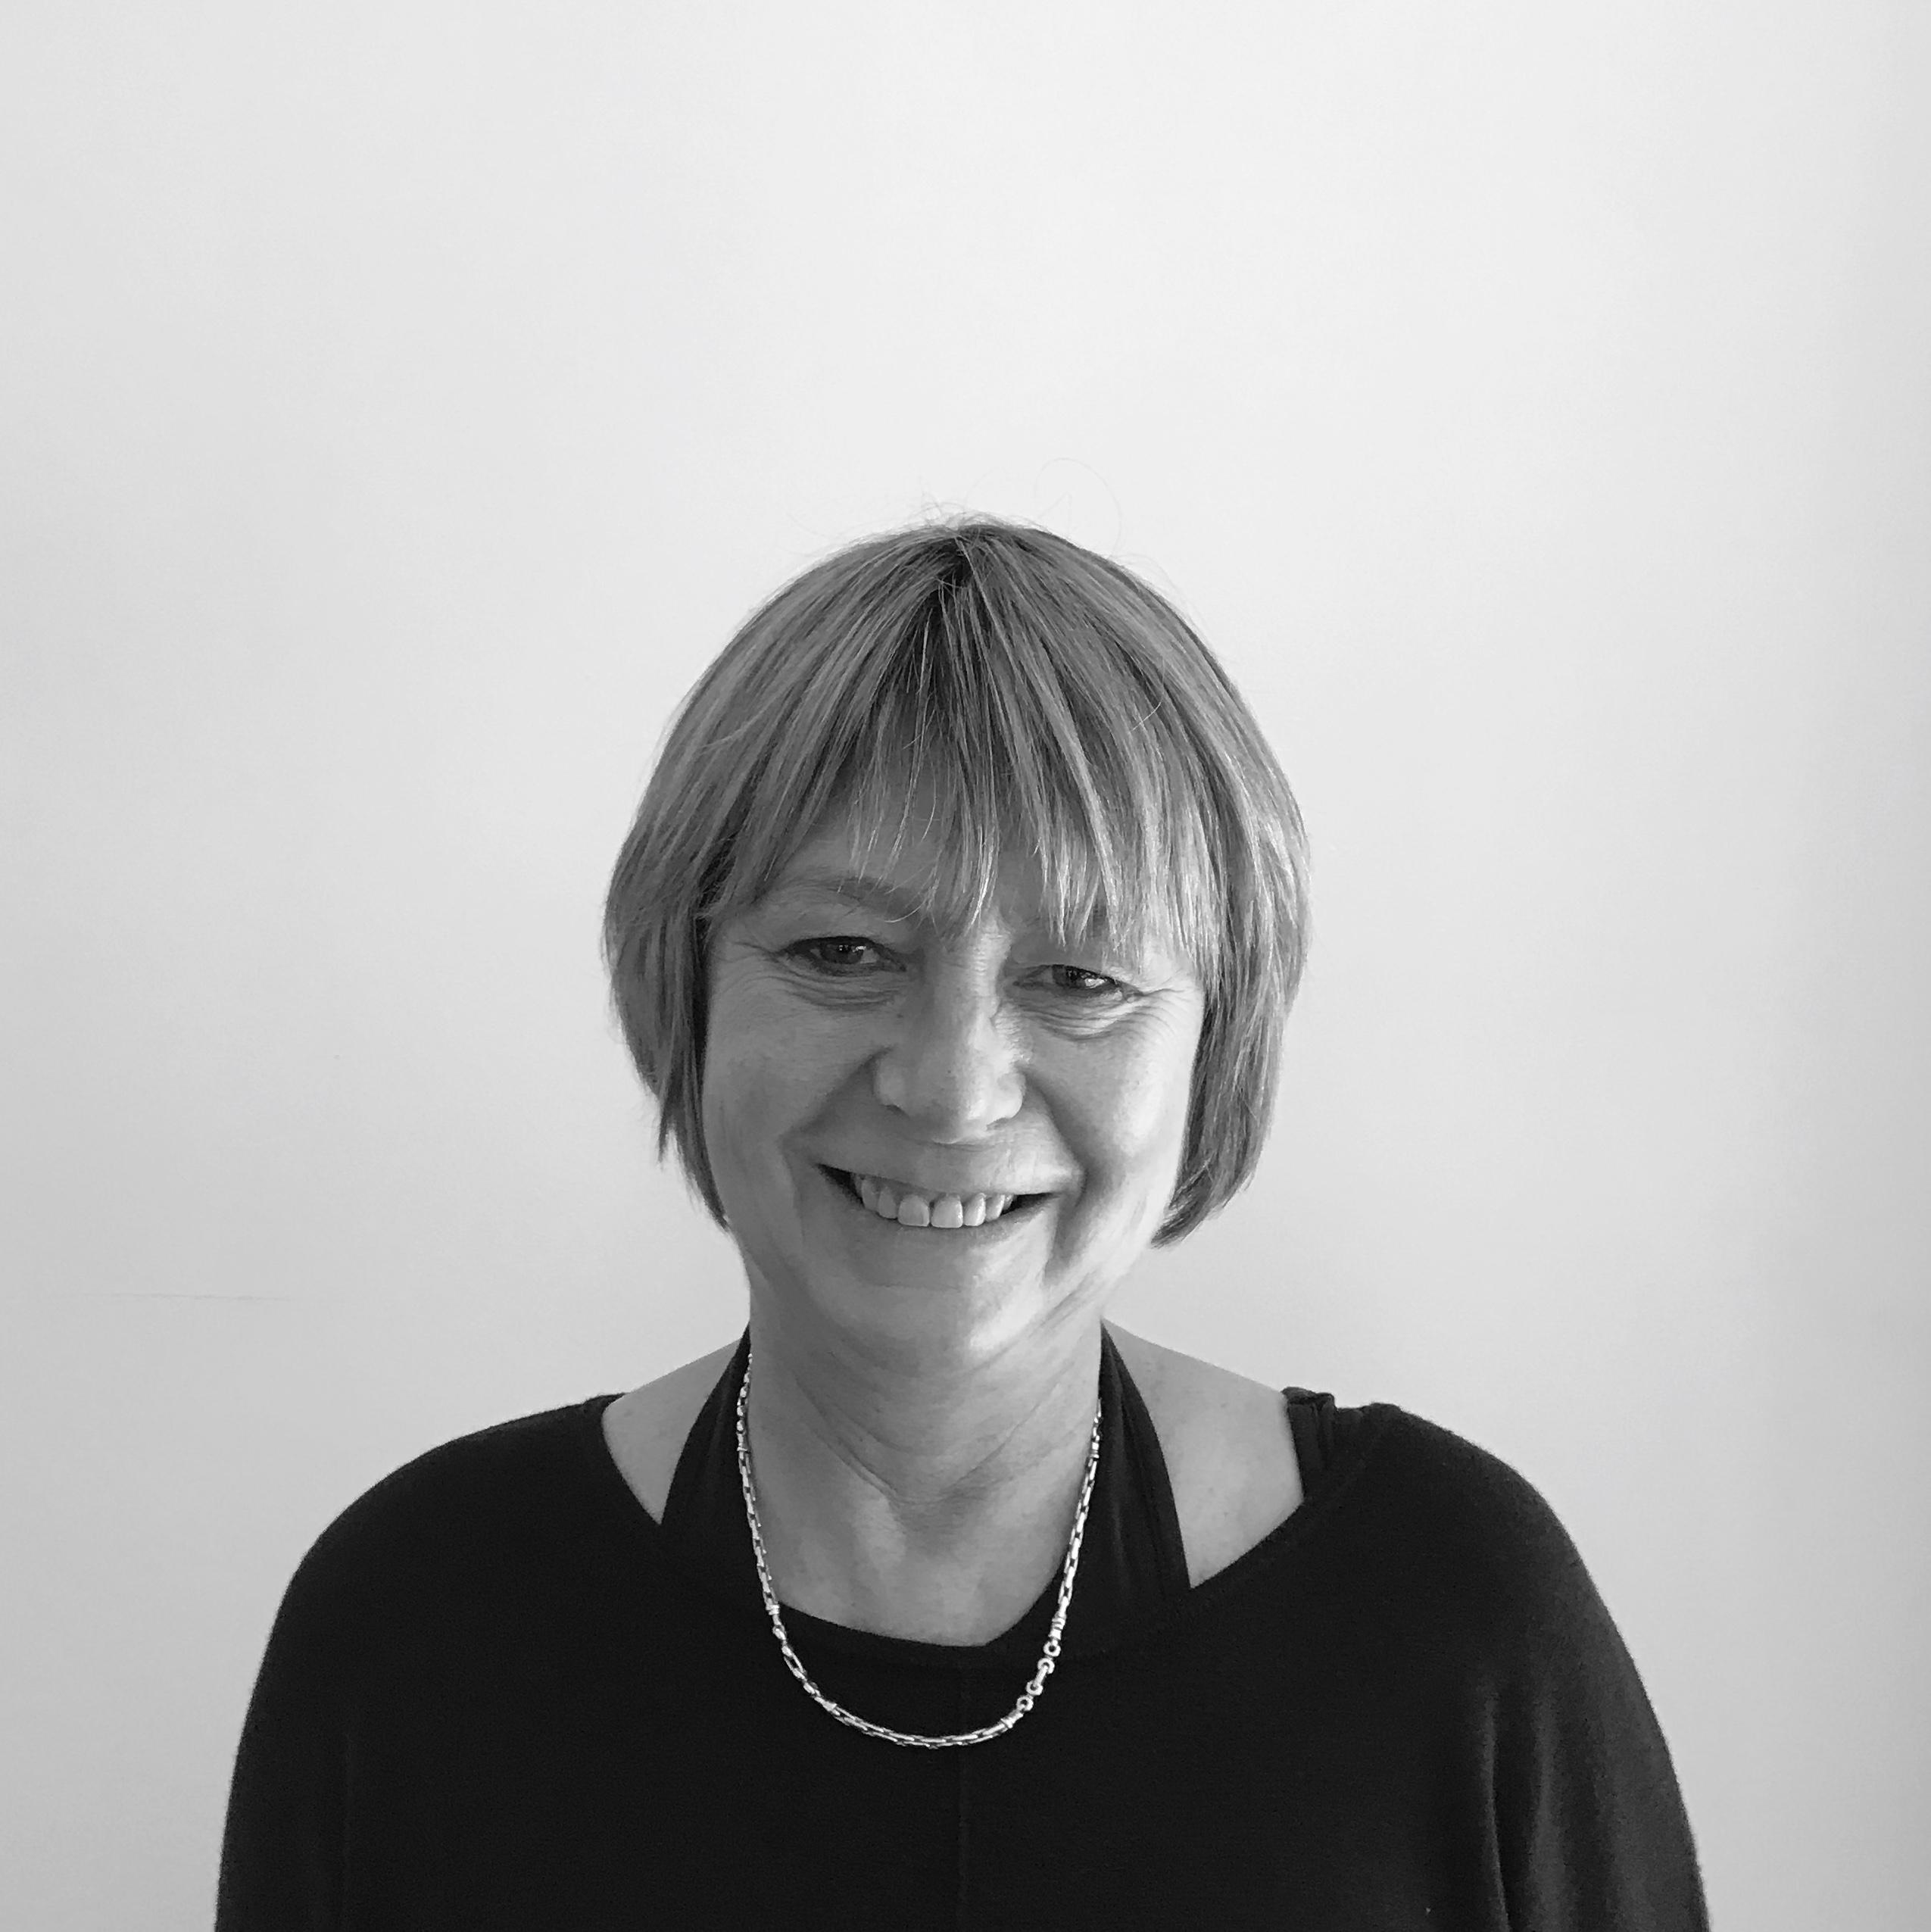 Kathy Van Dessel